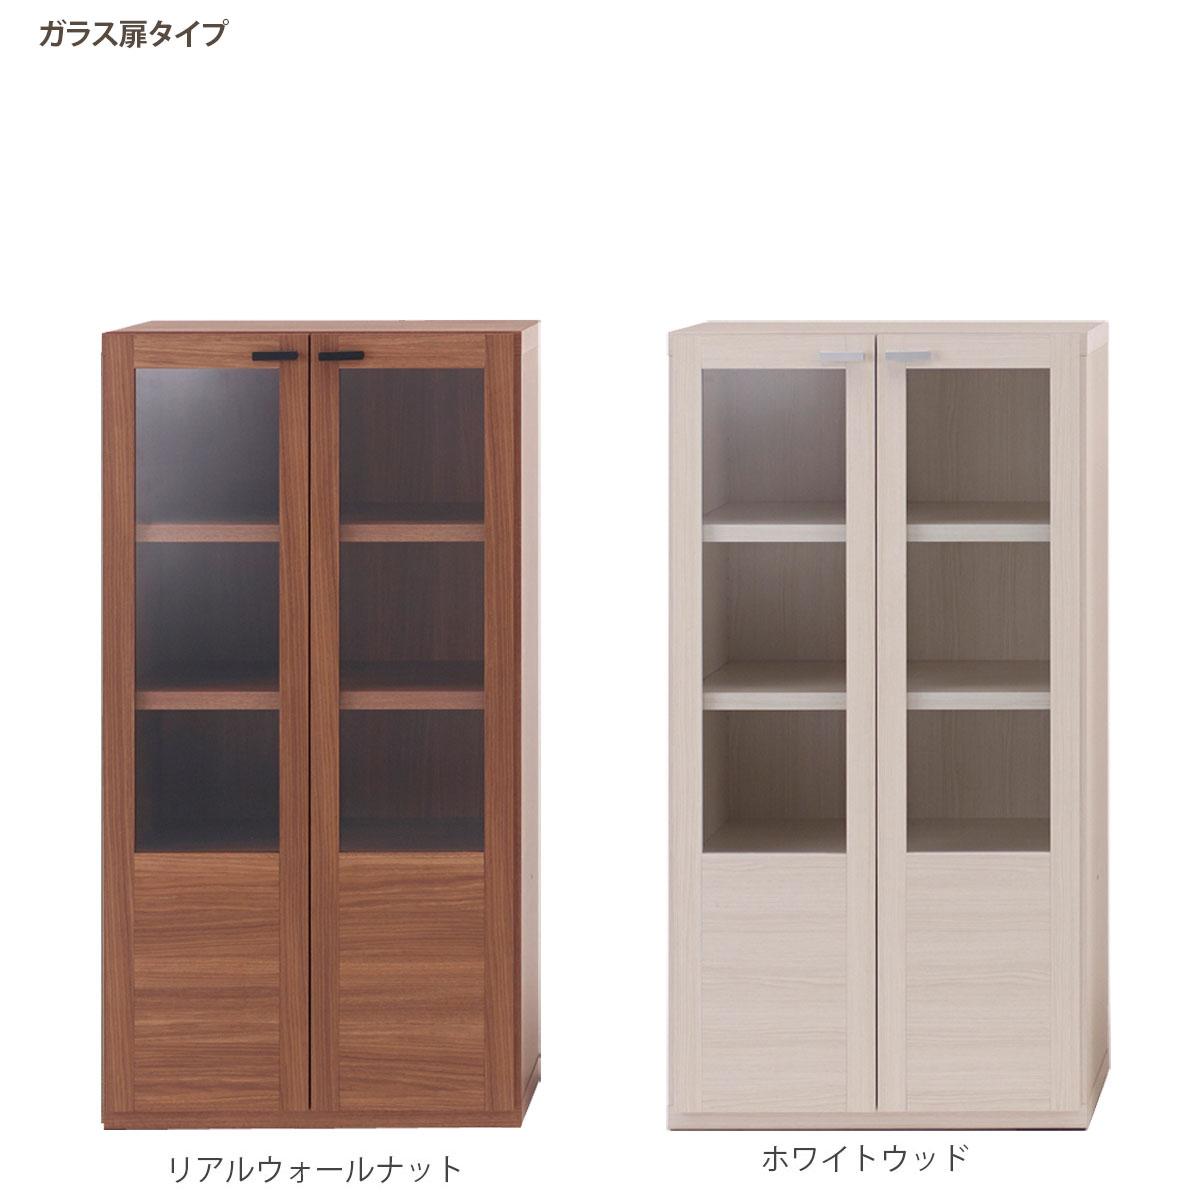 【即納】 フナモコ リビングシェルフ 本棚 完成品 扉付き 大容量 壁面 薄型 スリム 幅60×高さ113.8cm GFD-60 GFS-60 日本製 国産